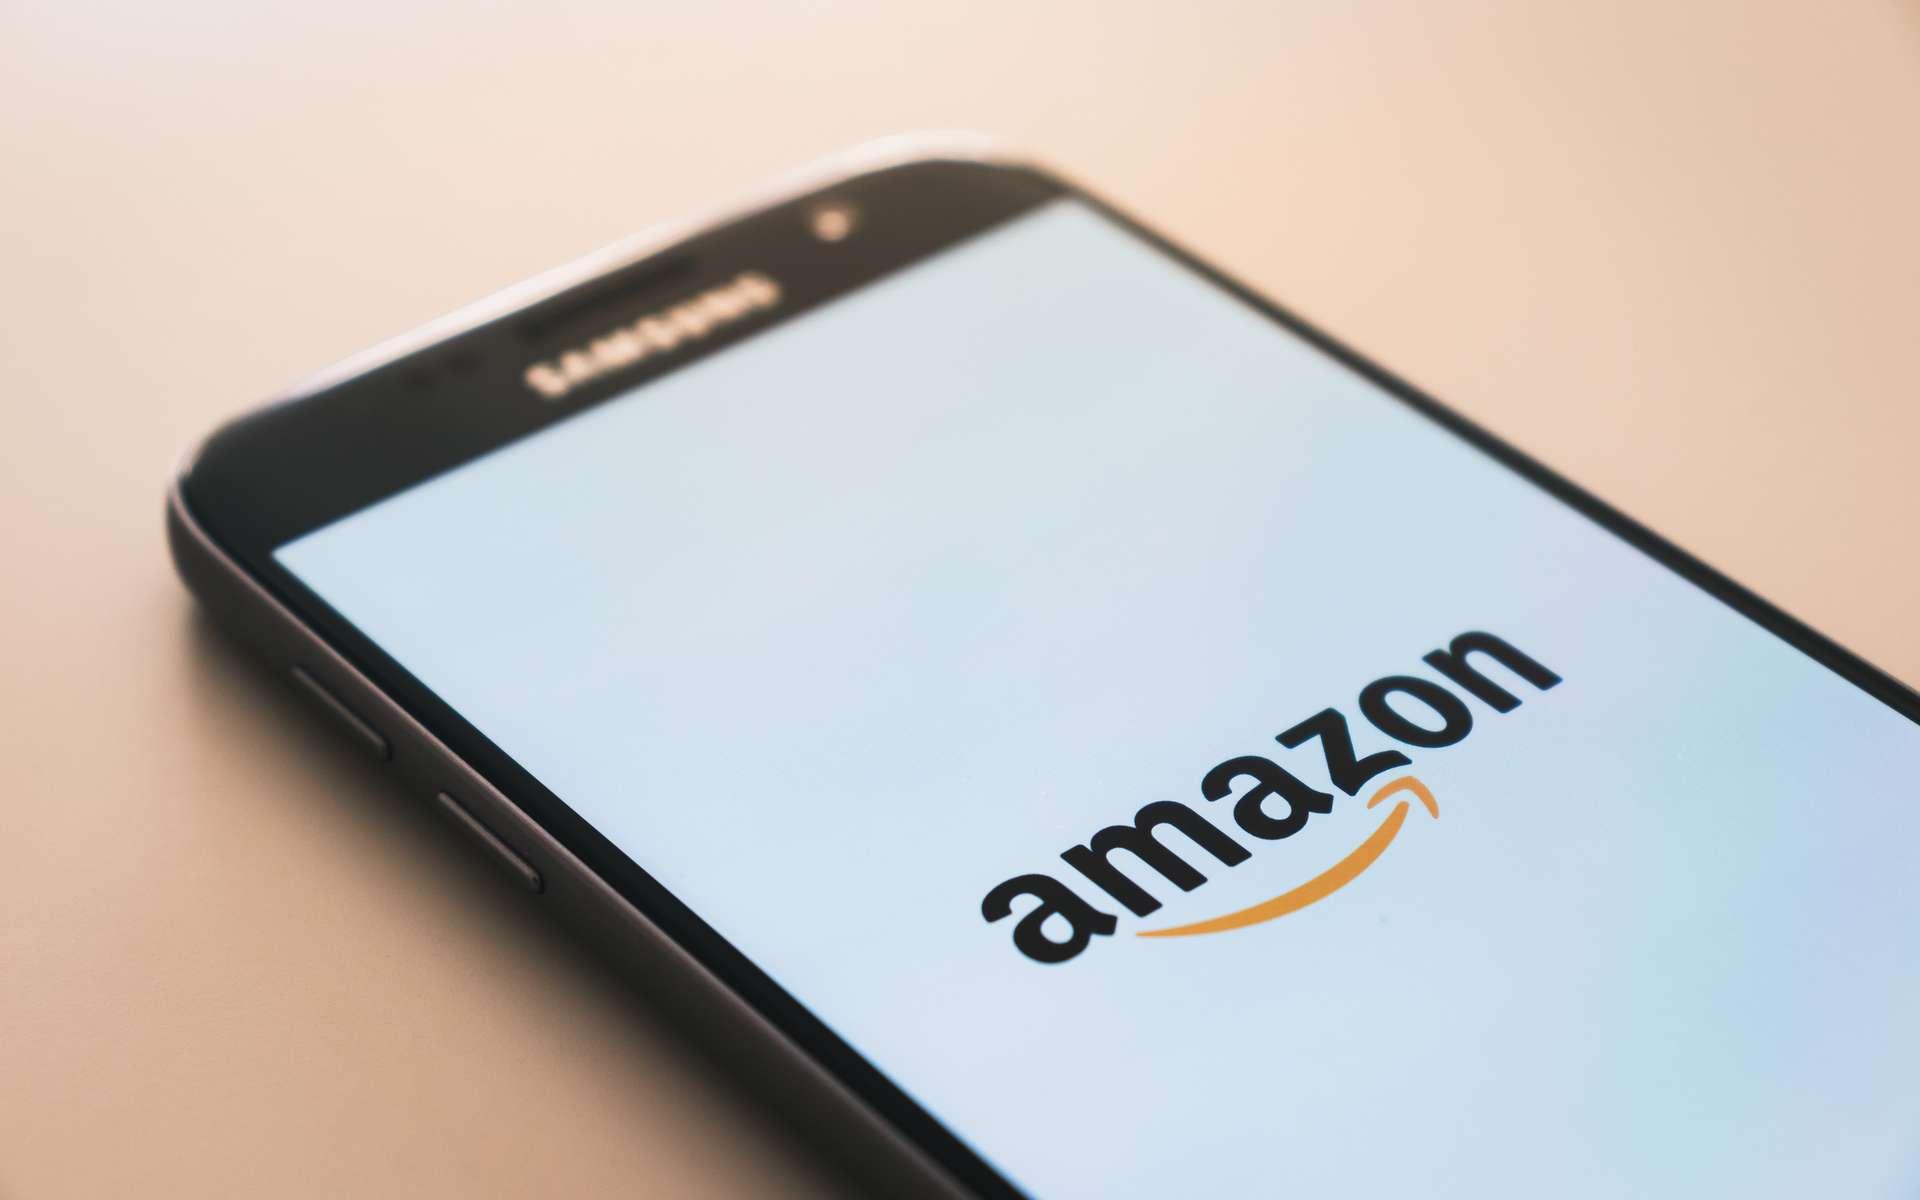 Découvrez les immanquables des soldes Amazon cette semaine © Unsplash